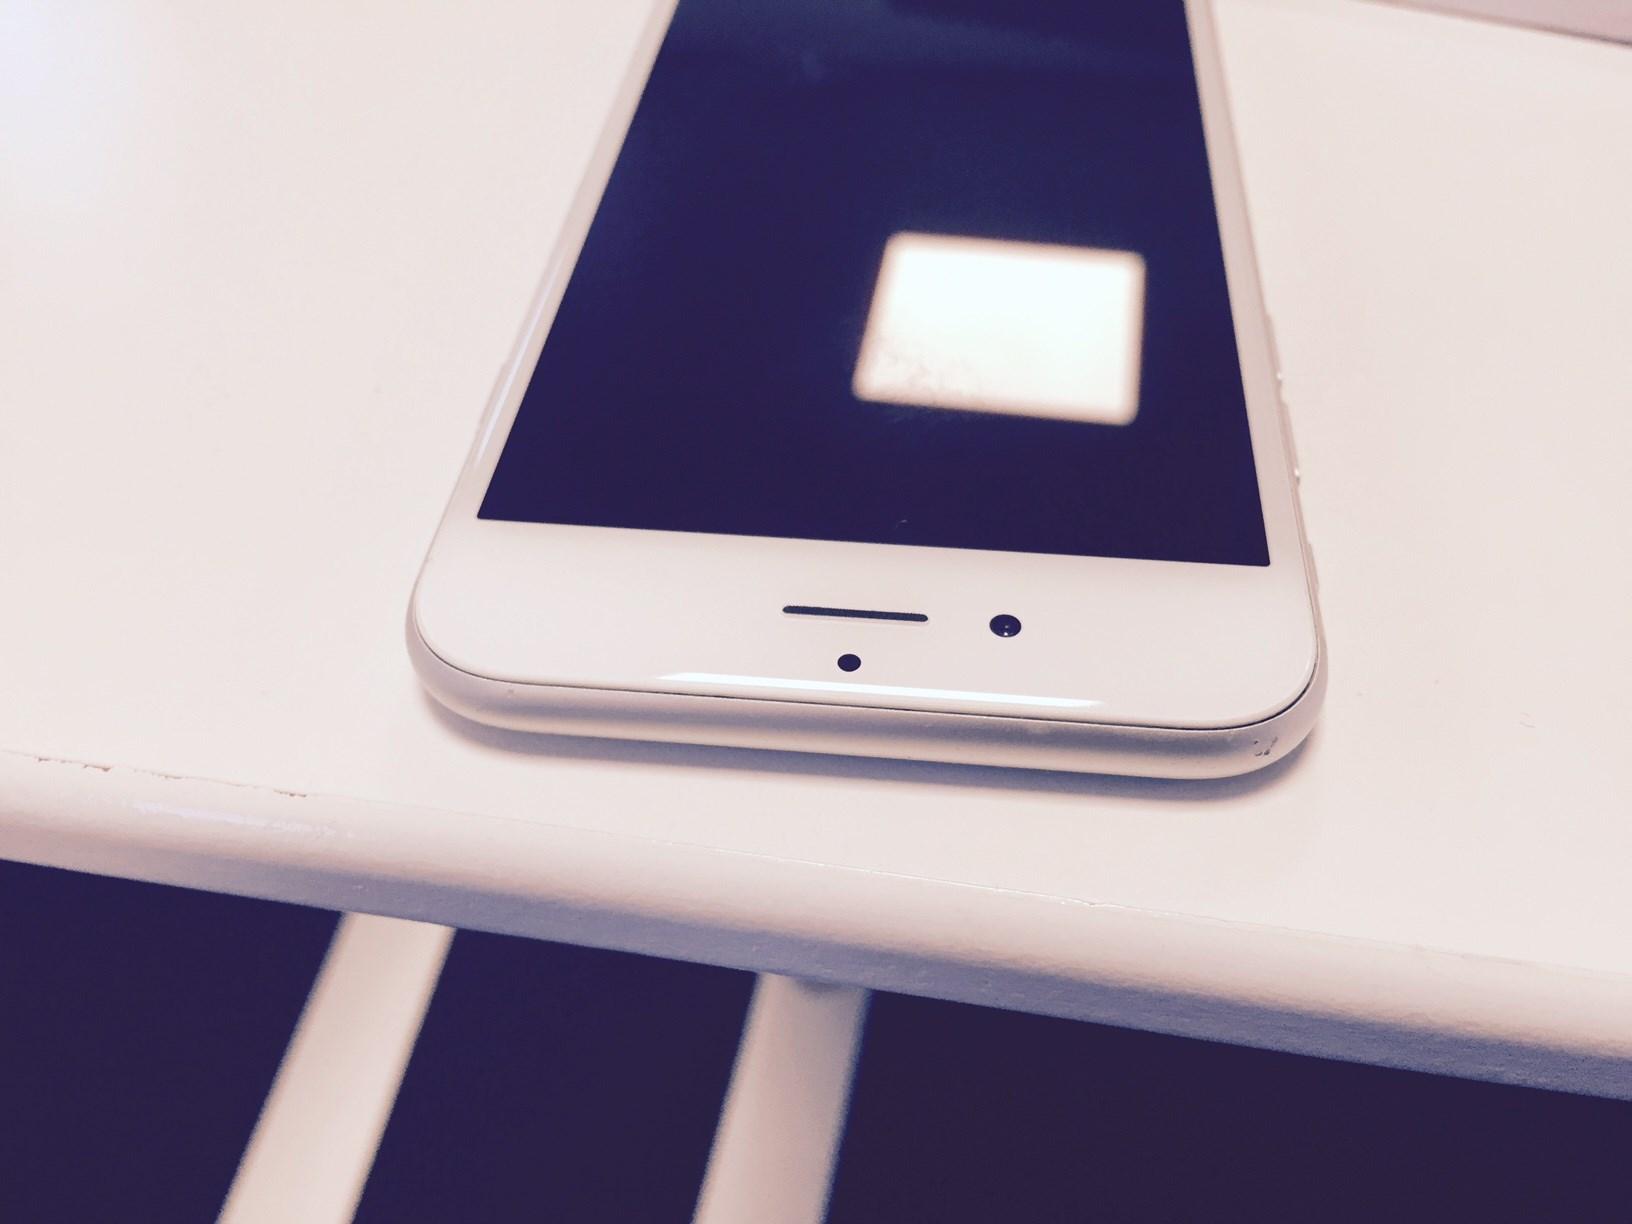 ændring af pinkode iphone